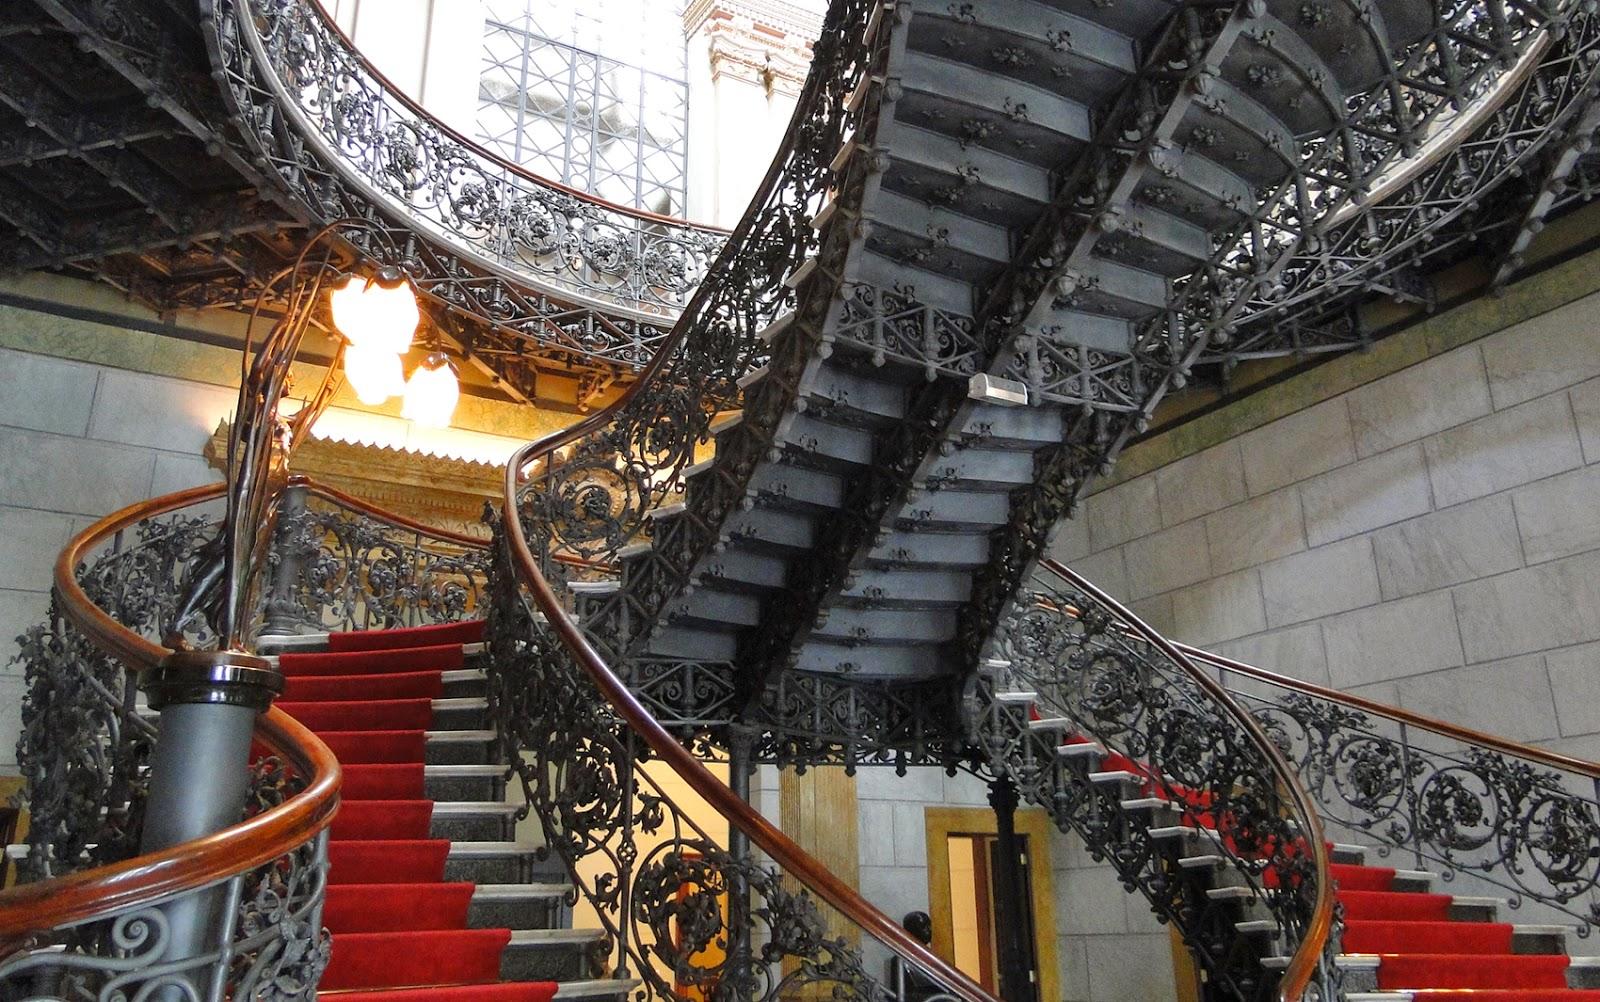 12 escada da liberdade